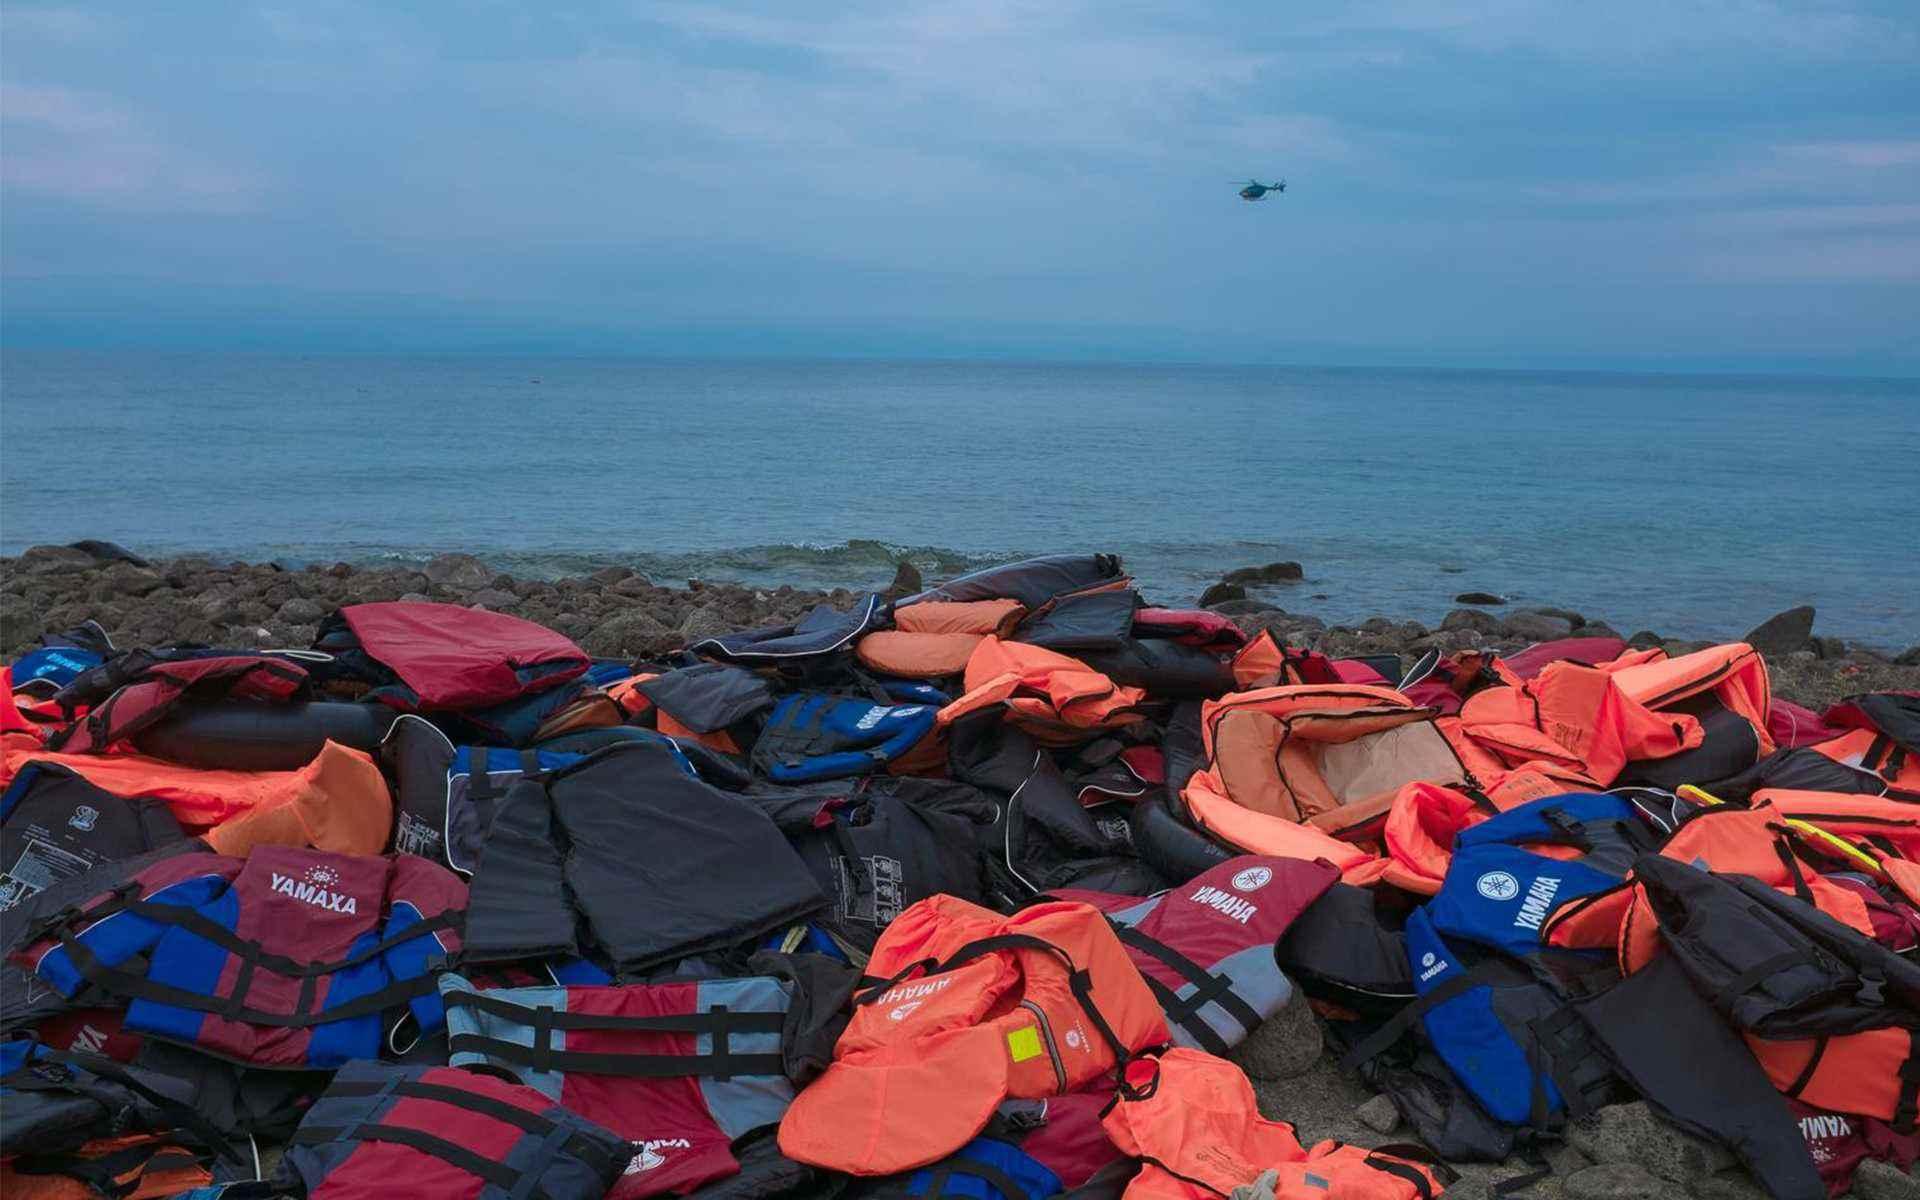 """سترات النجاة التي تصطف على الشاطئ بالقرب من بلدة ميثيمنا، في جزيرة ليسبوس اليونانية. وبحسب """"يونيسيف""""، يُقدر أن أكثر من ثلاثة آلاف لاجئ ومهاجر ماتوا وهم يعبرون البحر الأبيض المتوسط- أيلول 2015 (يونيسيف)"""